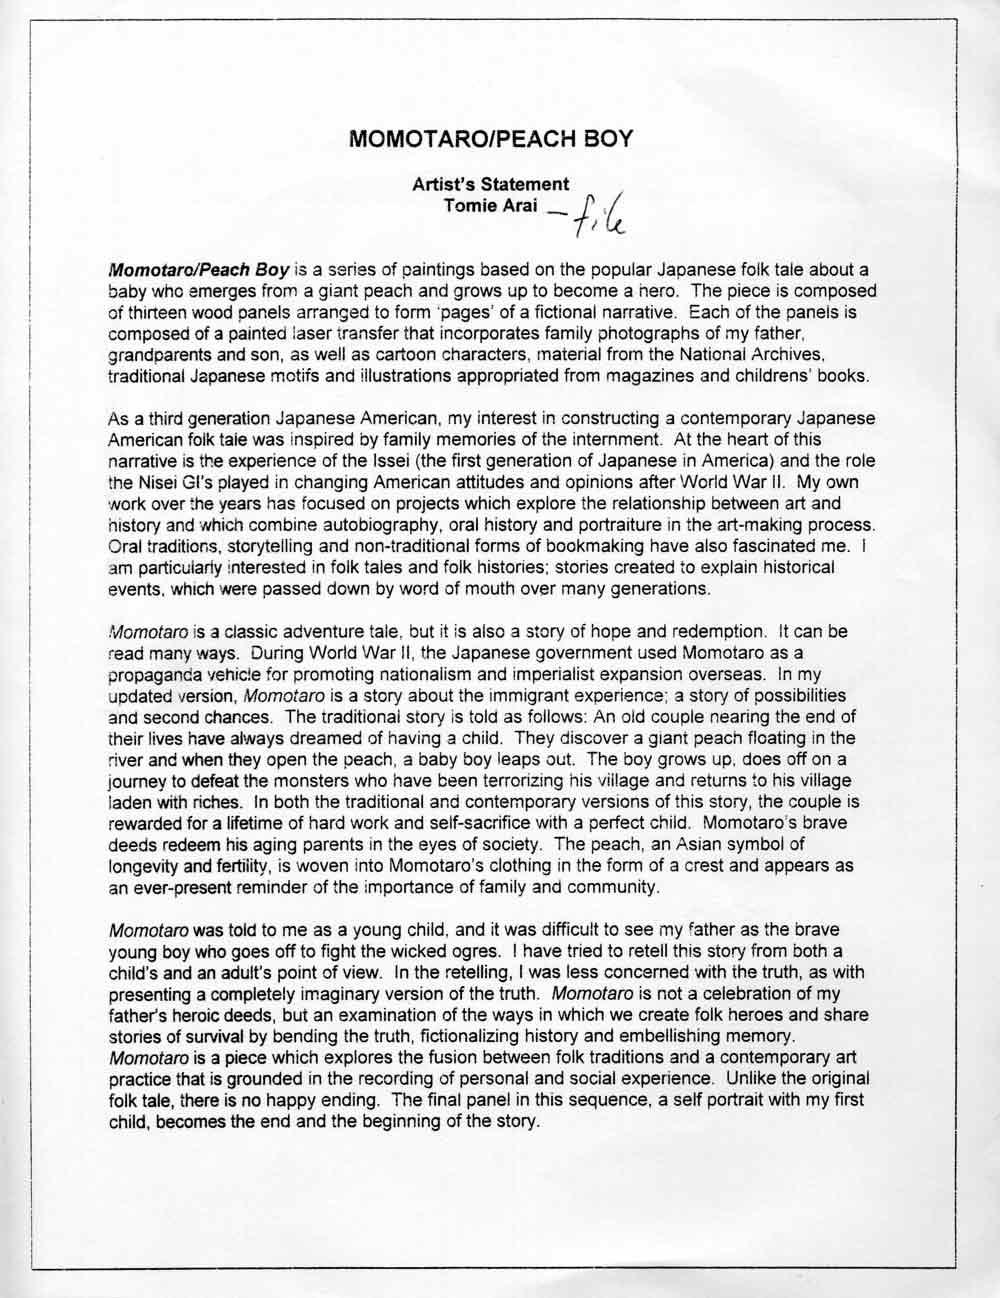 Tomie Arai's Artist Statement, 2